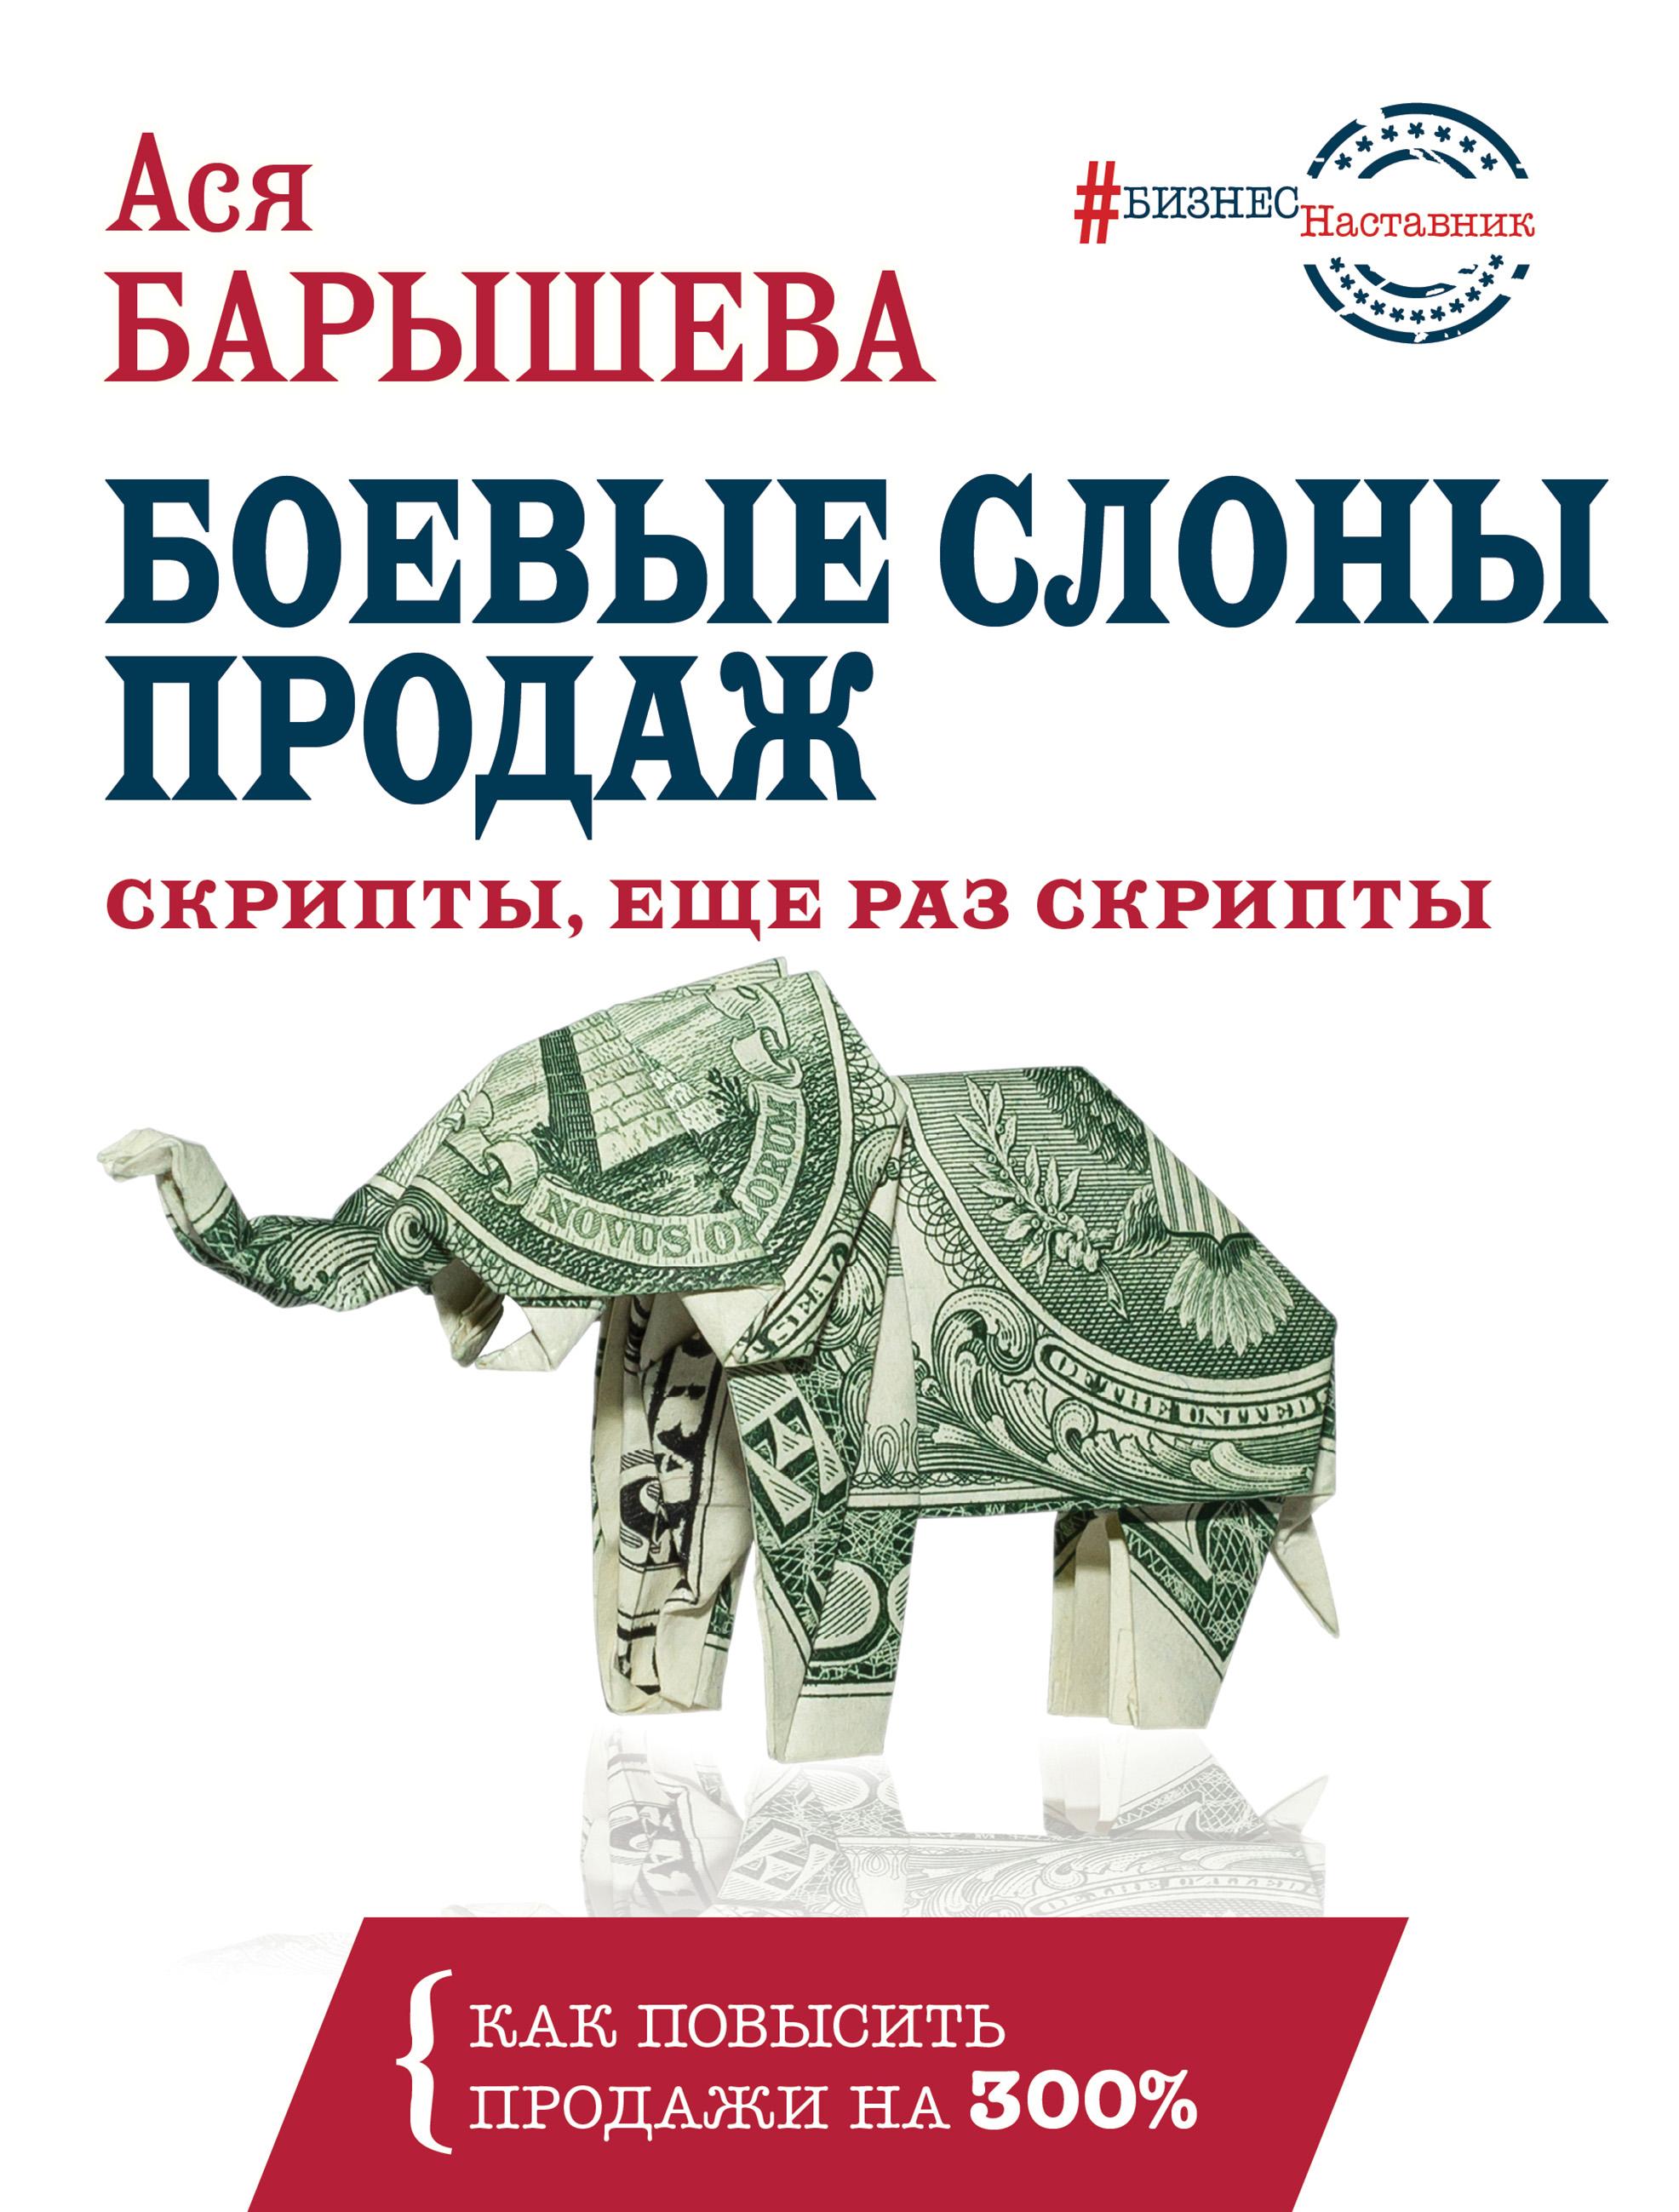 Обложка книги. Автор - Ася Барышева